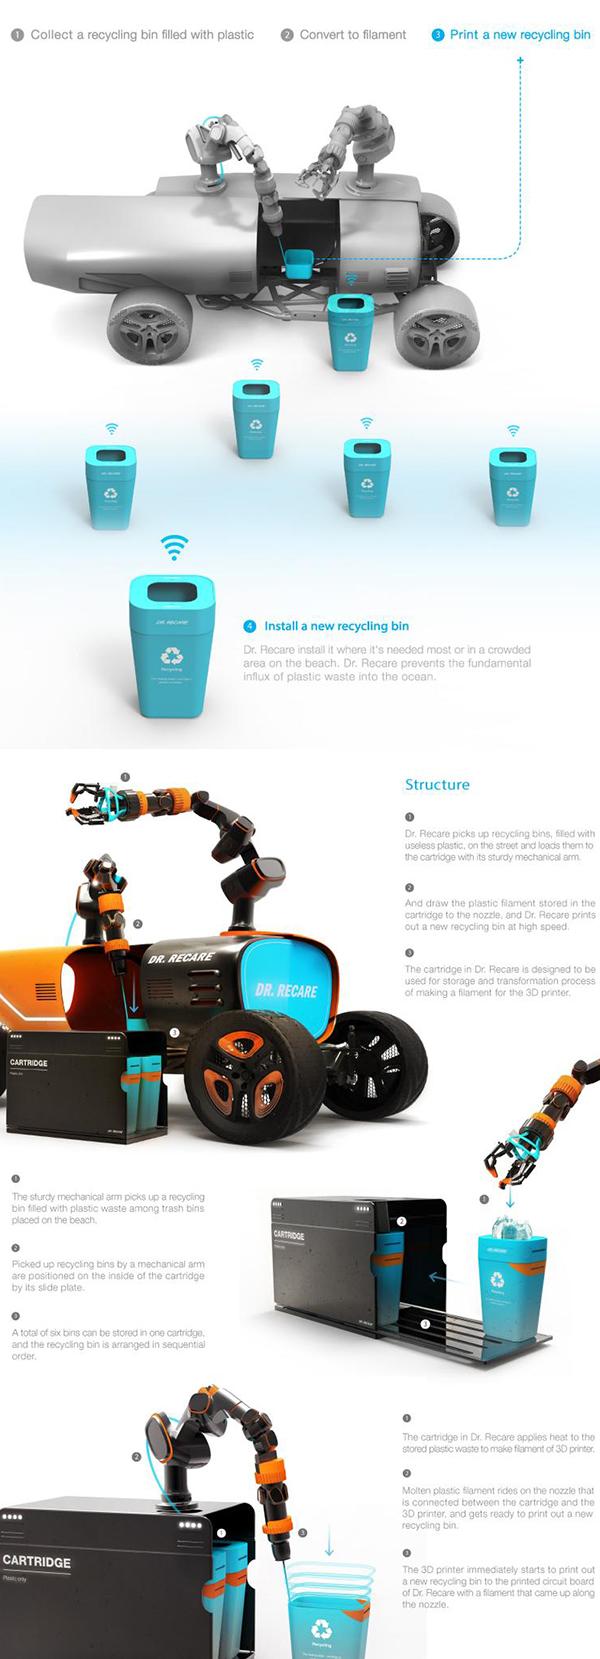 dr recare 3d printing robot 6